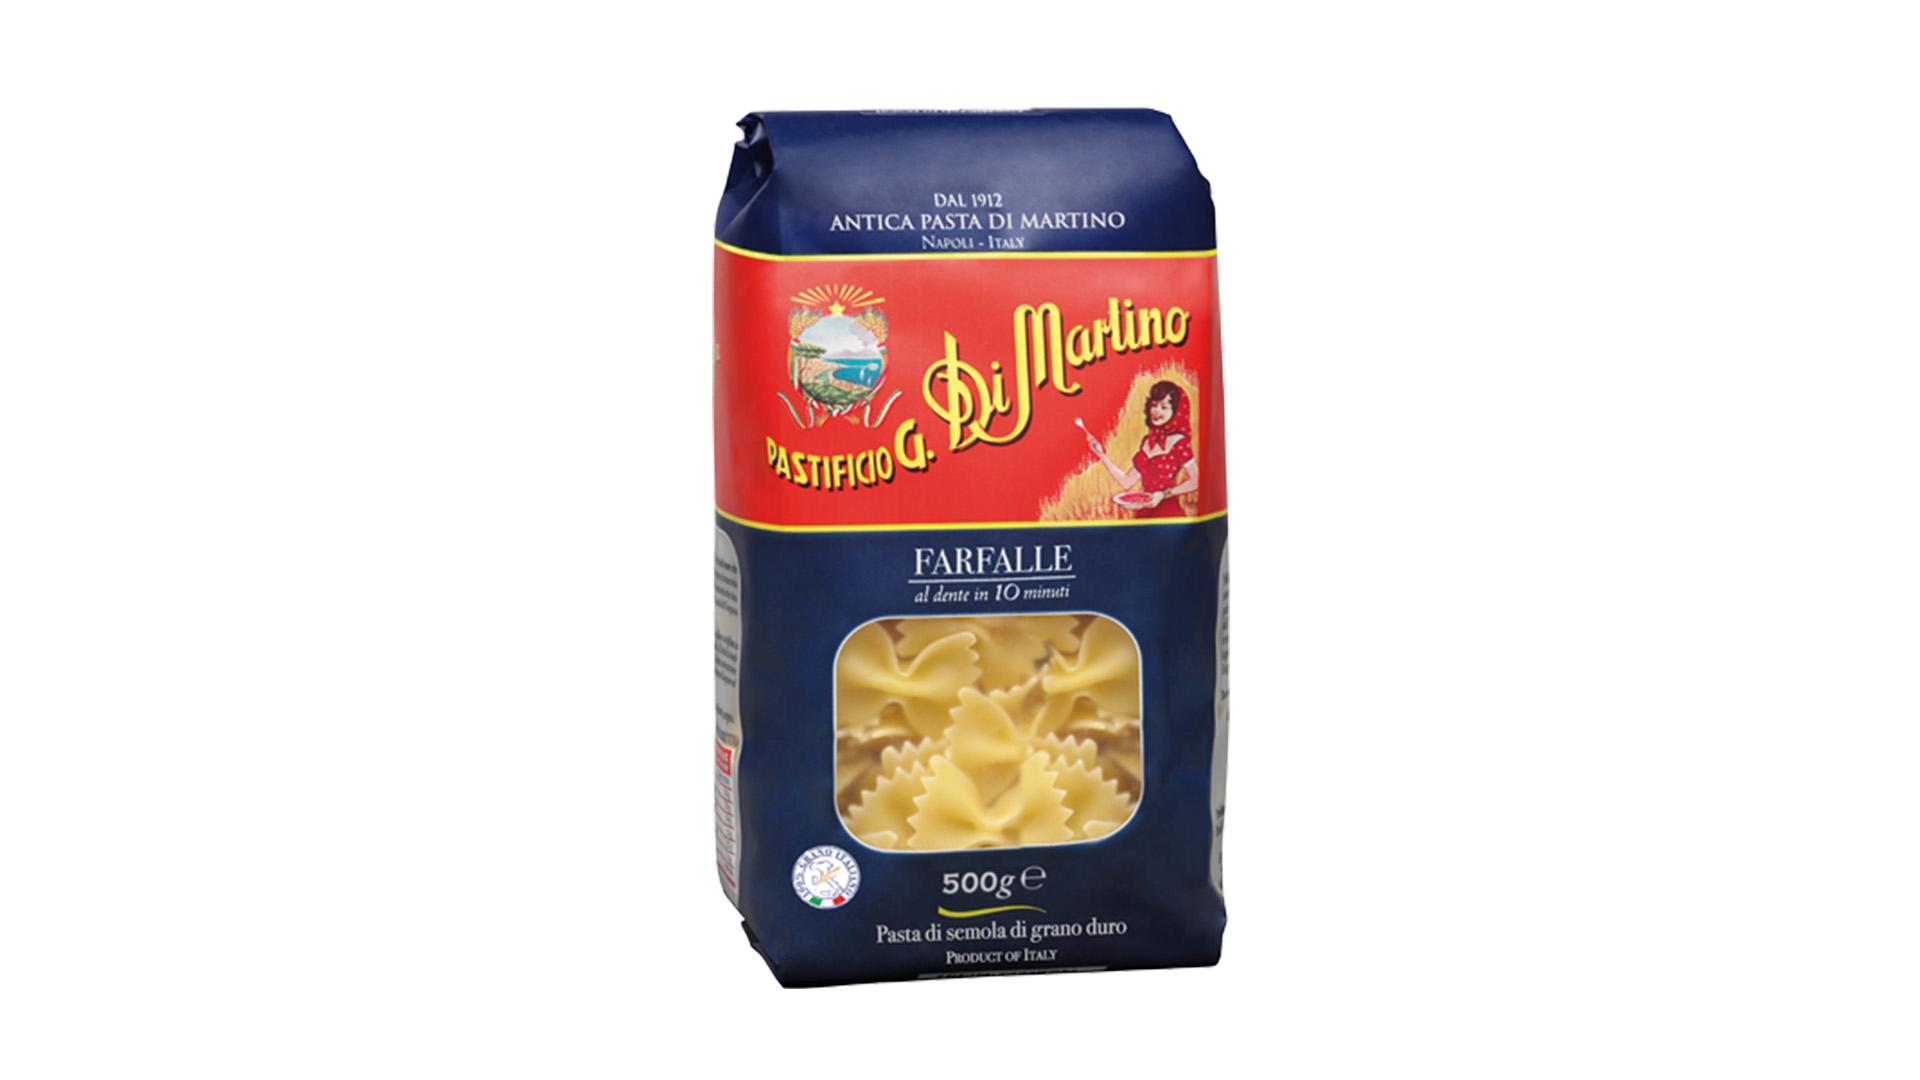 pasta-100-italiana-di-martino